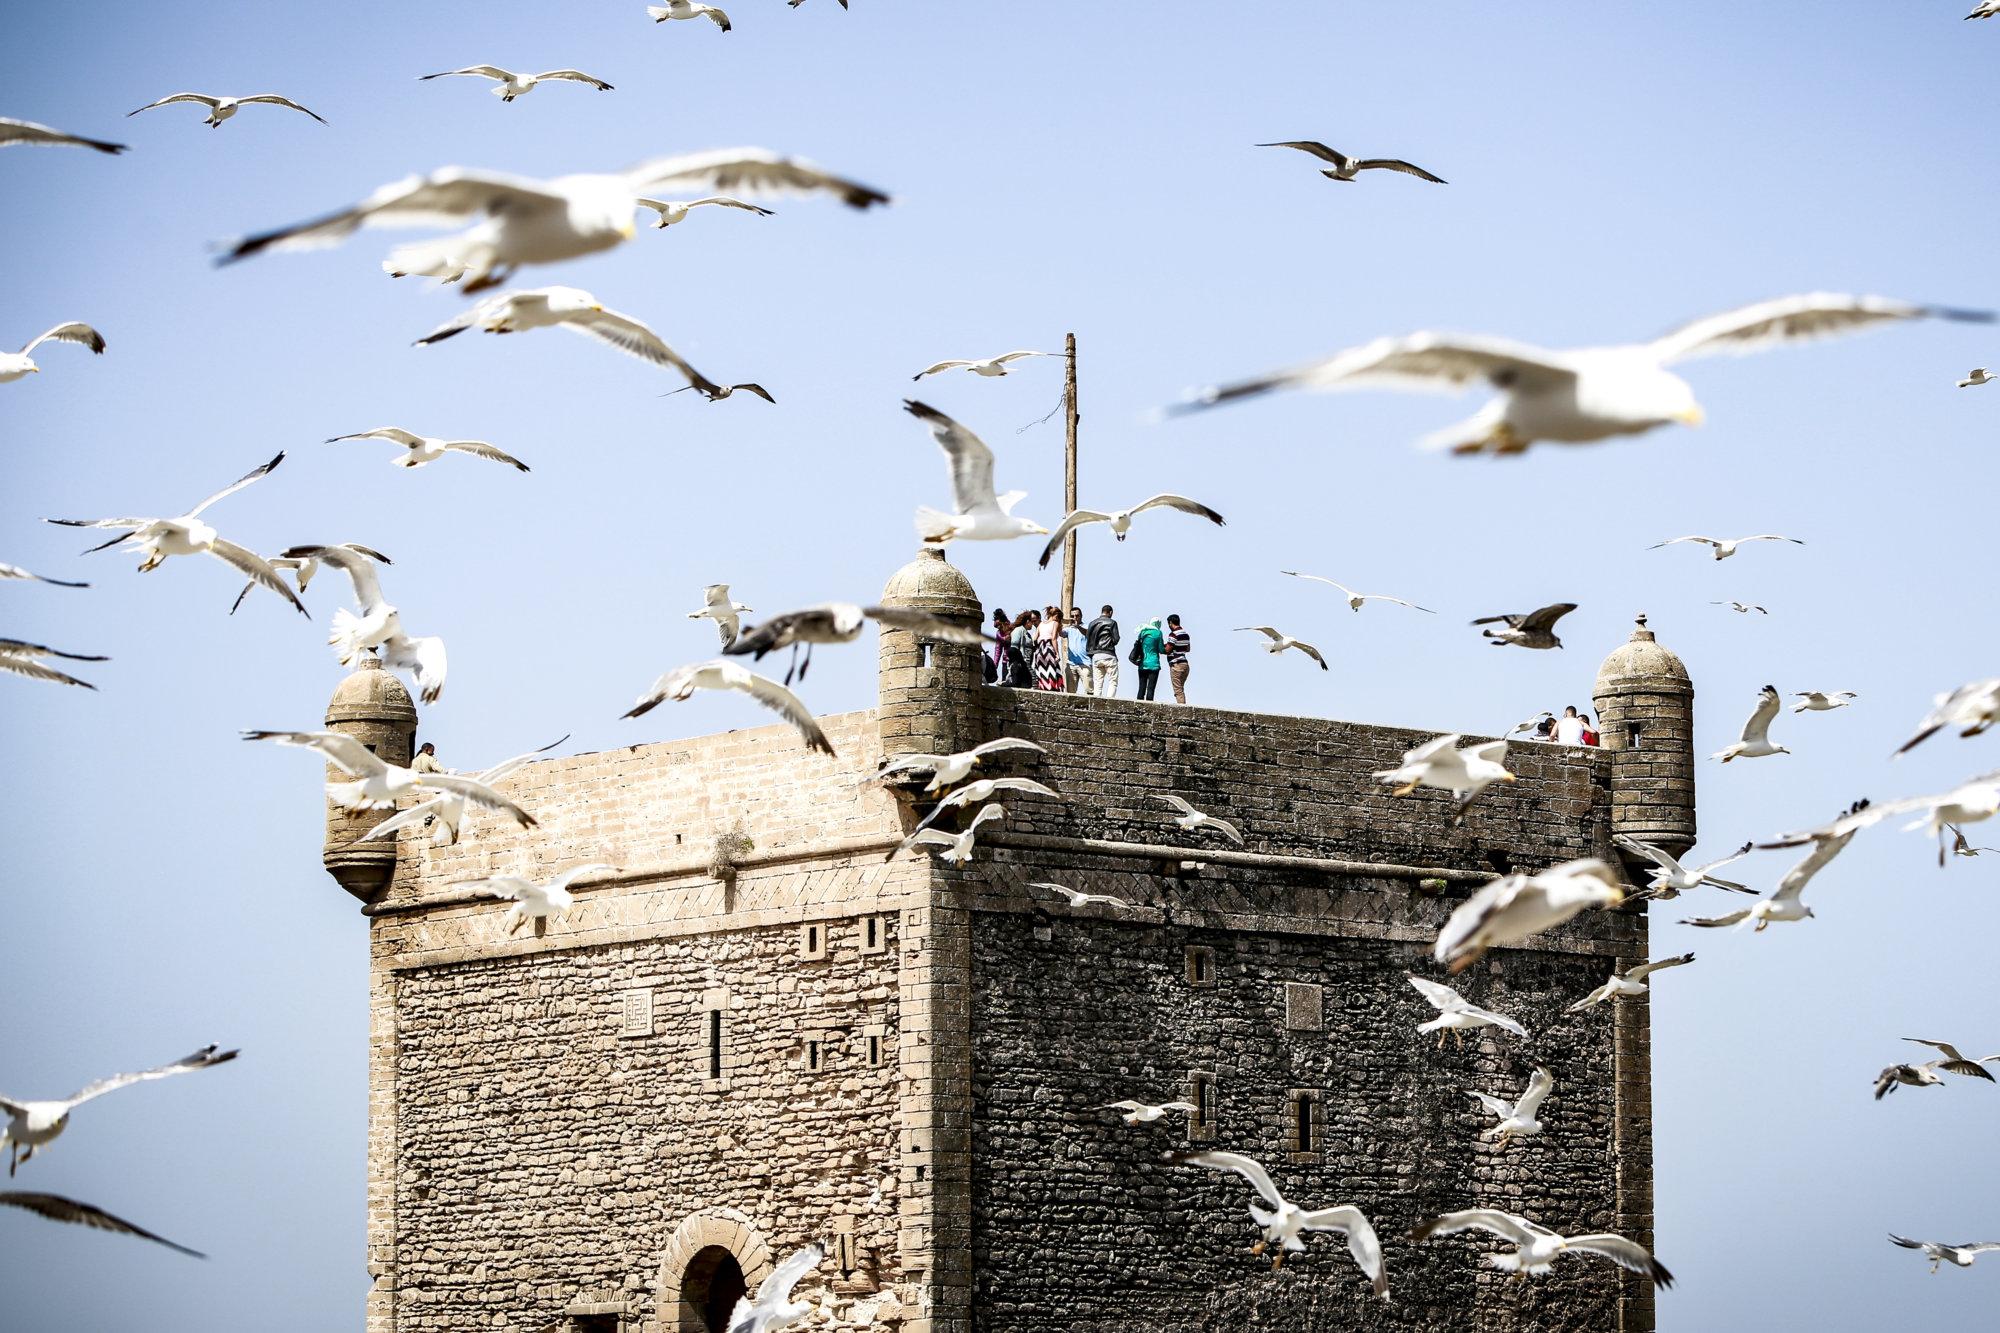 essaouira-chaos-birds-marokko-2016-mcu-ausflug